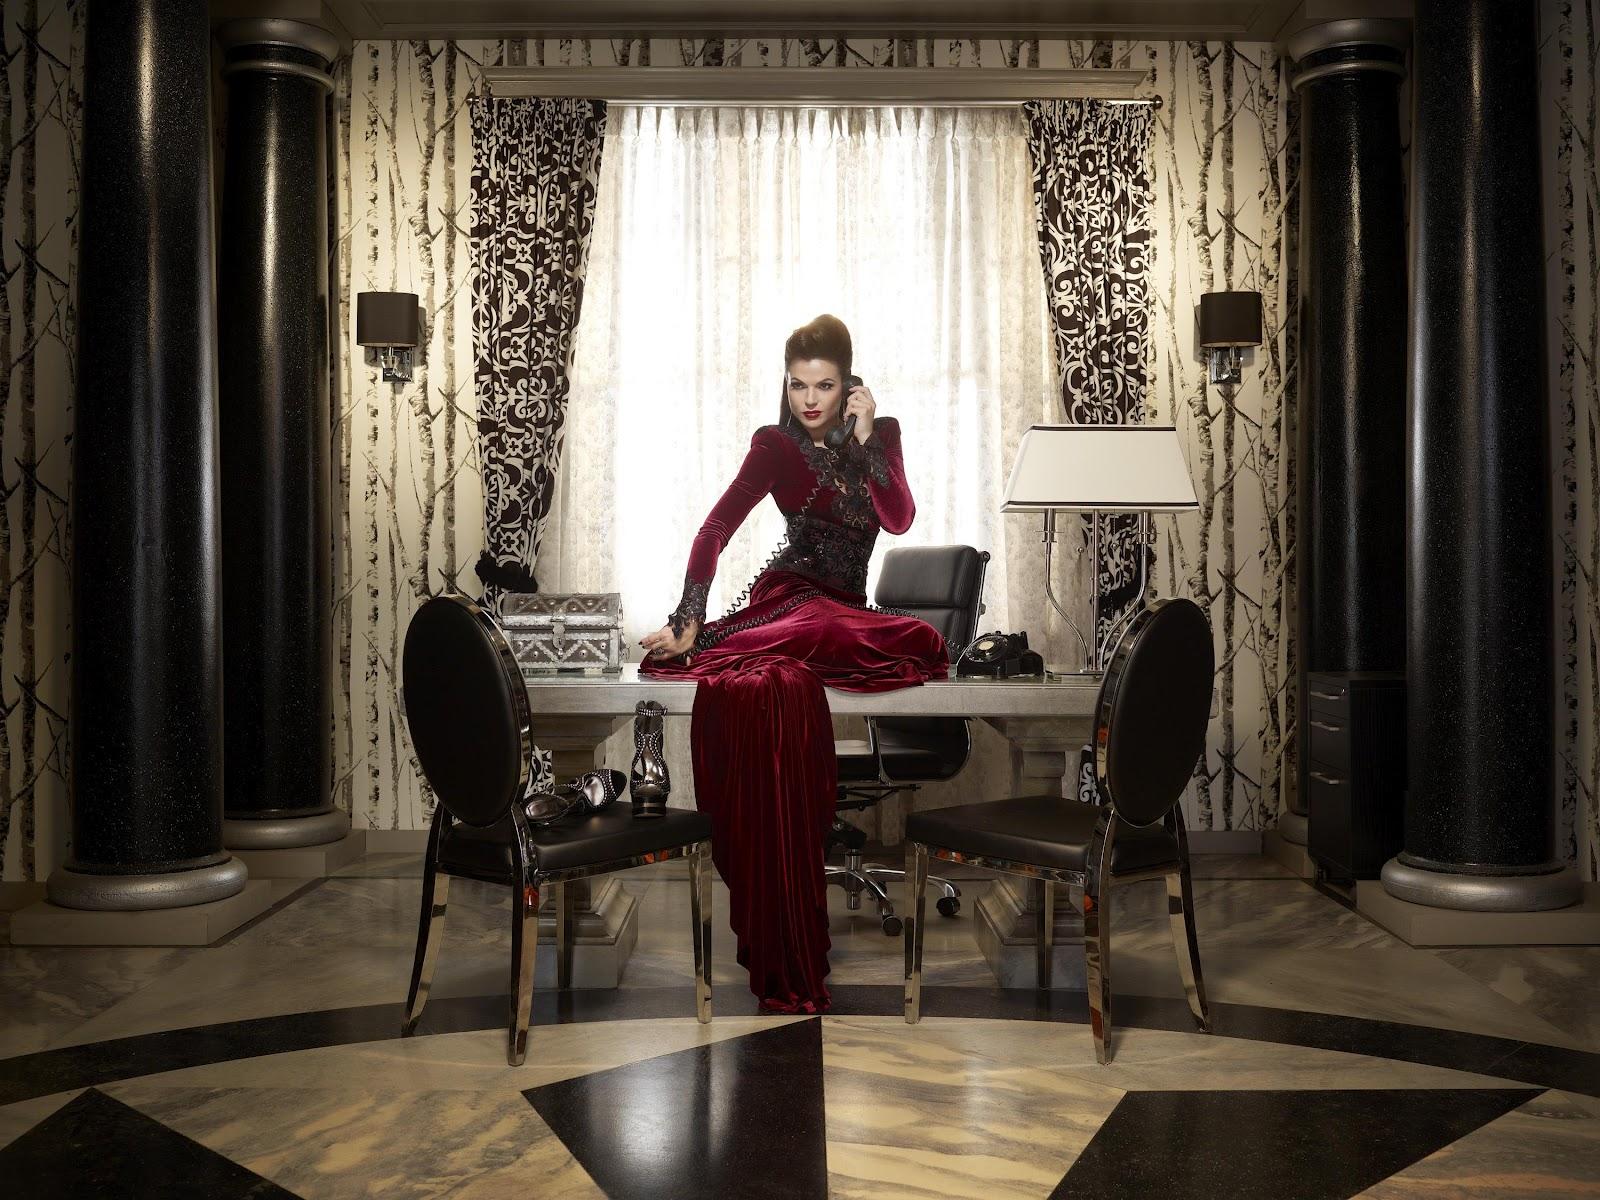 Fotos Promocionales de la segunda temporada ONCEUPONTIME_6